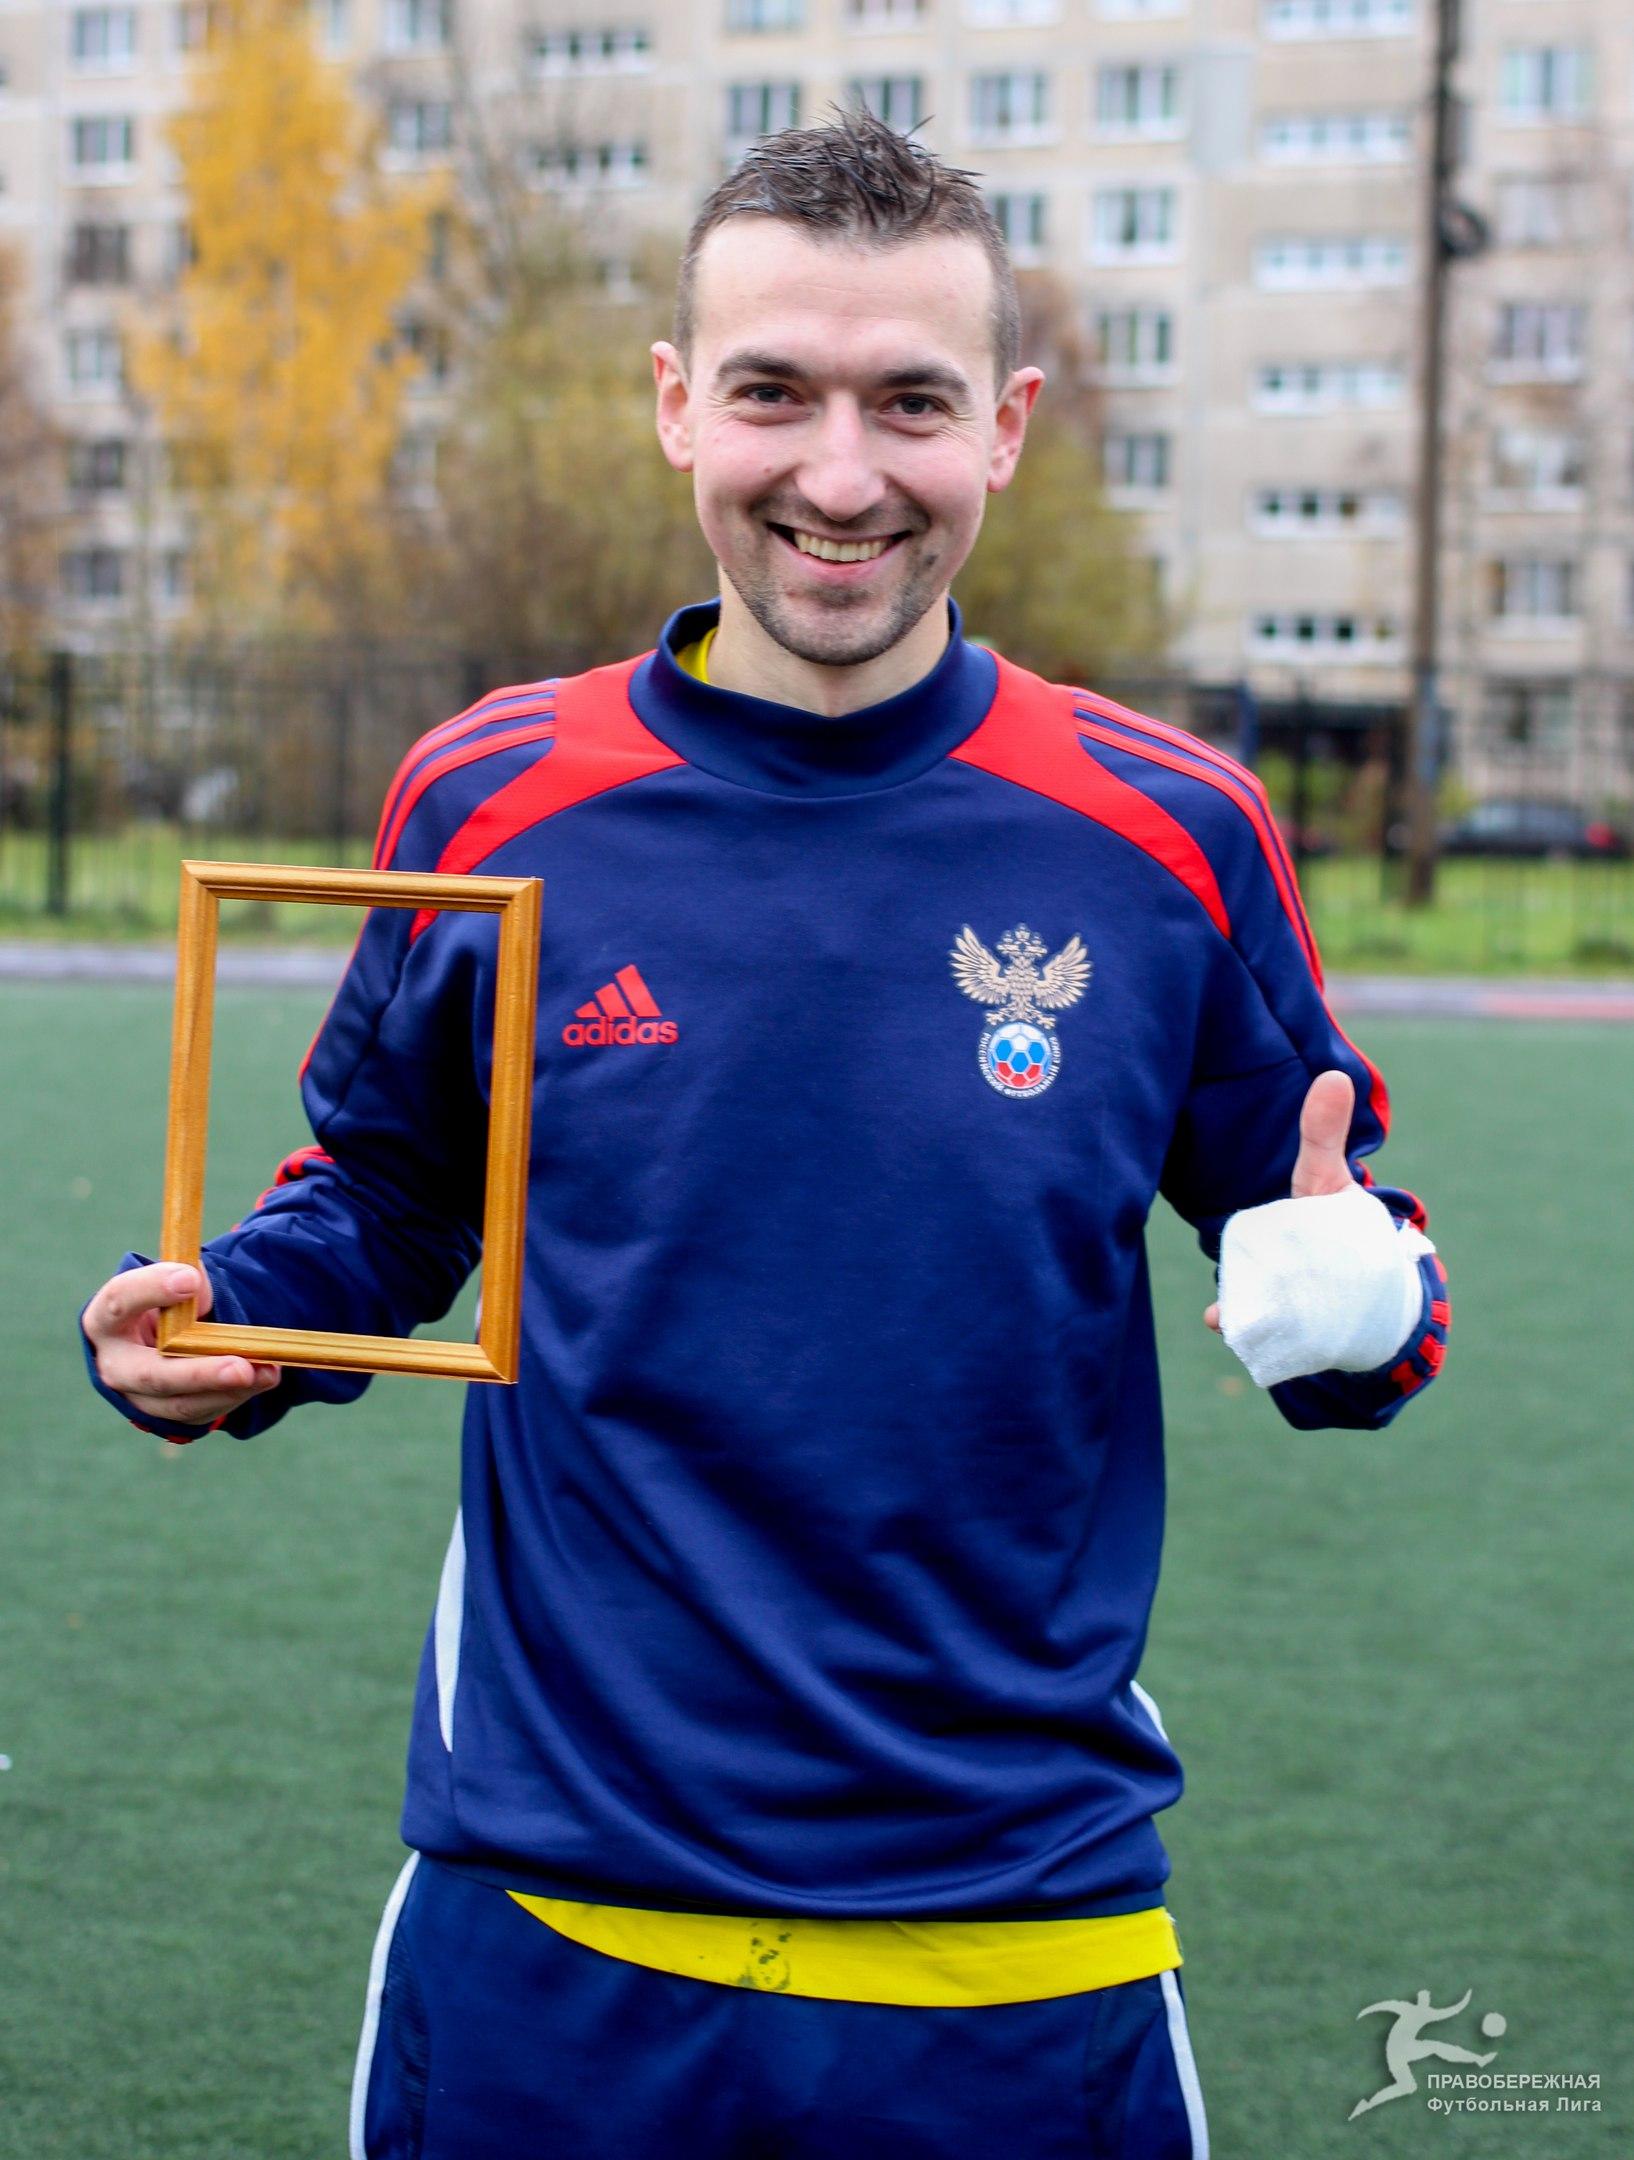 Андрей Ягудин может наградить себя любой грамотой на своё усмотрение.